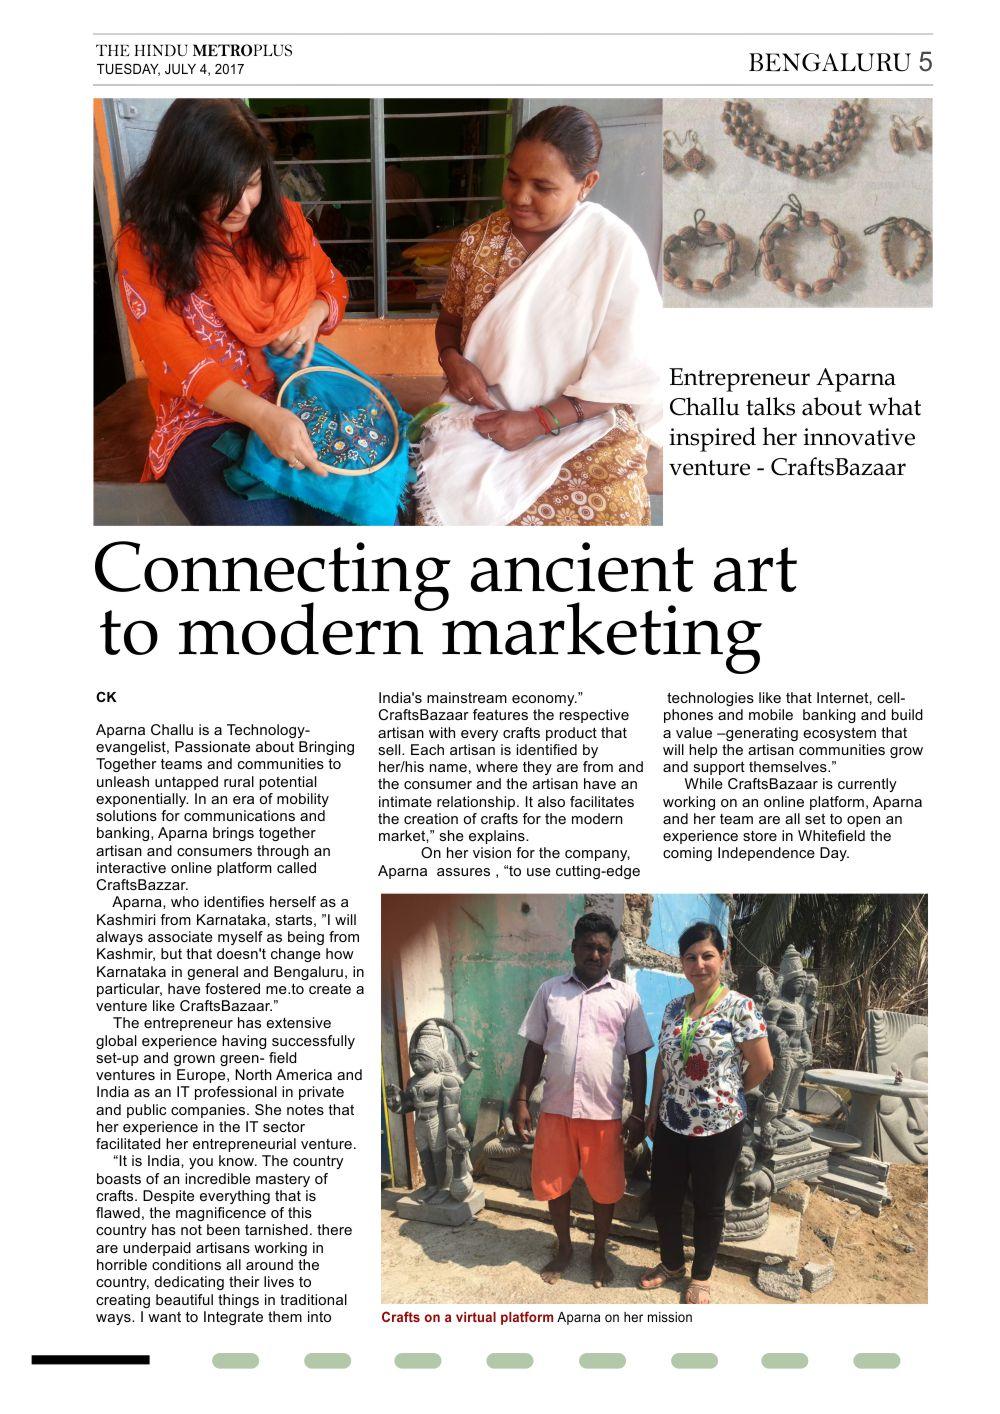 Aparna-Challu-CraftsBazaar-CEO-The-Hindu